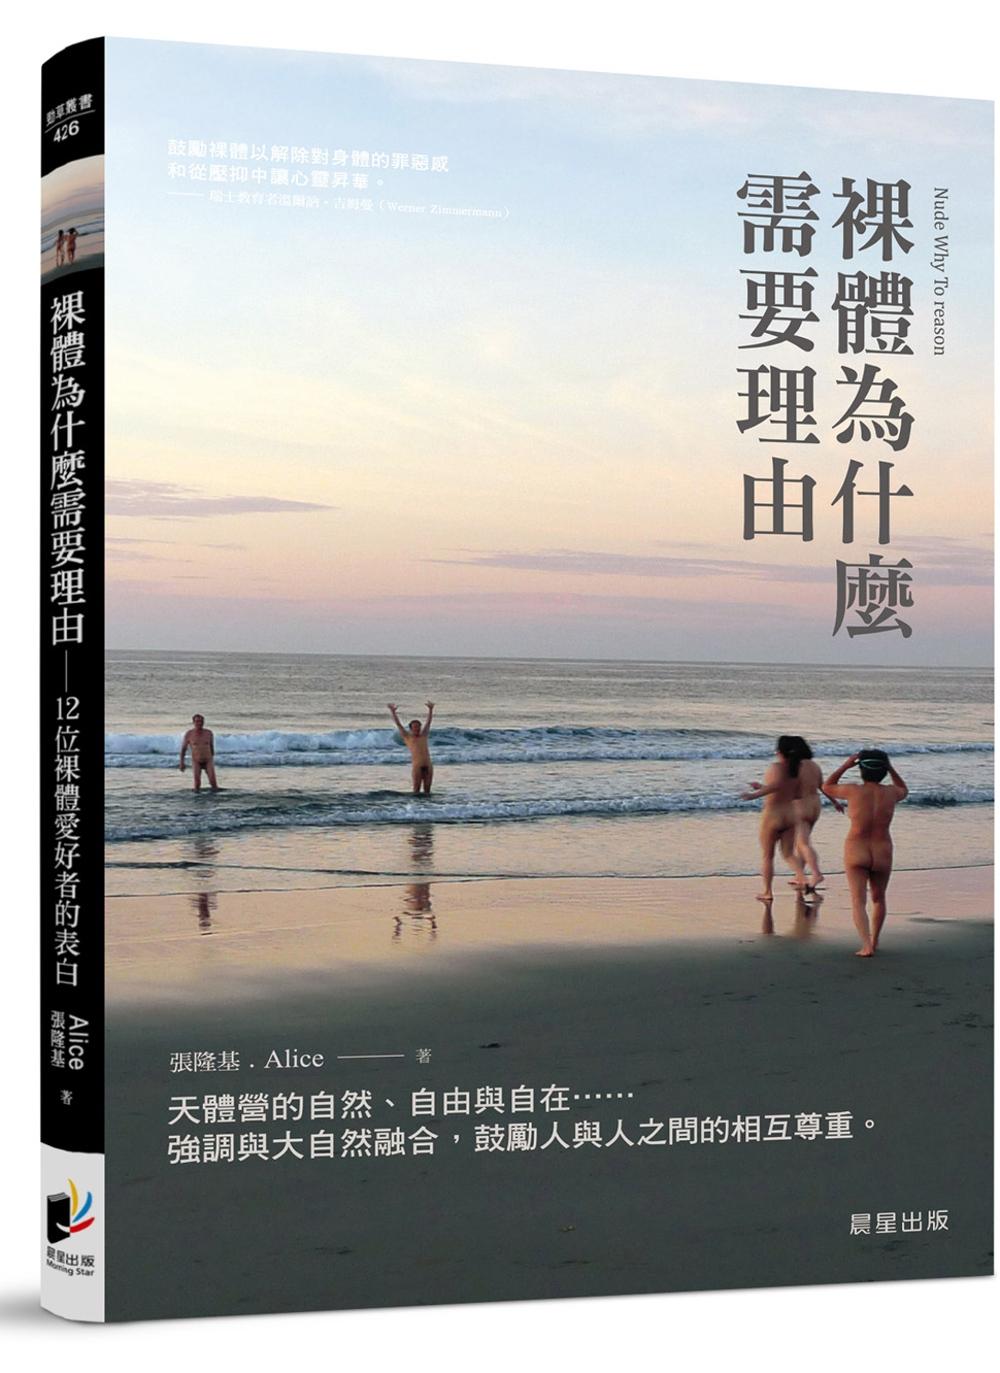 裸體為什麼要理由:強調與大自然融合,鼓勵人與人之間的尊重